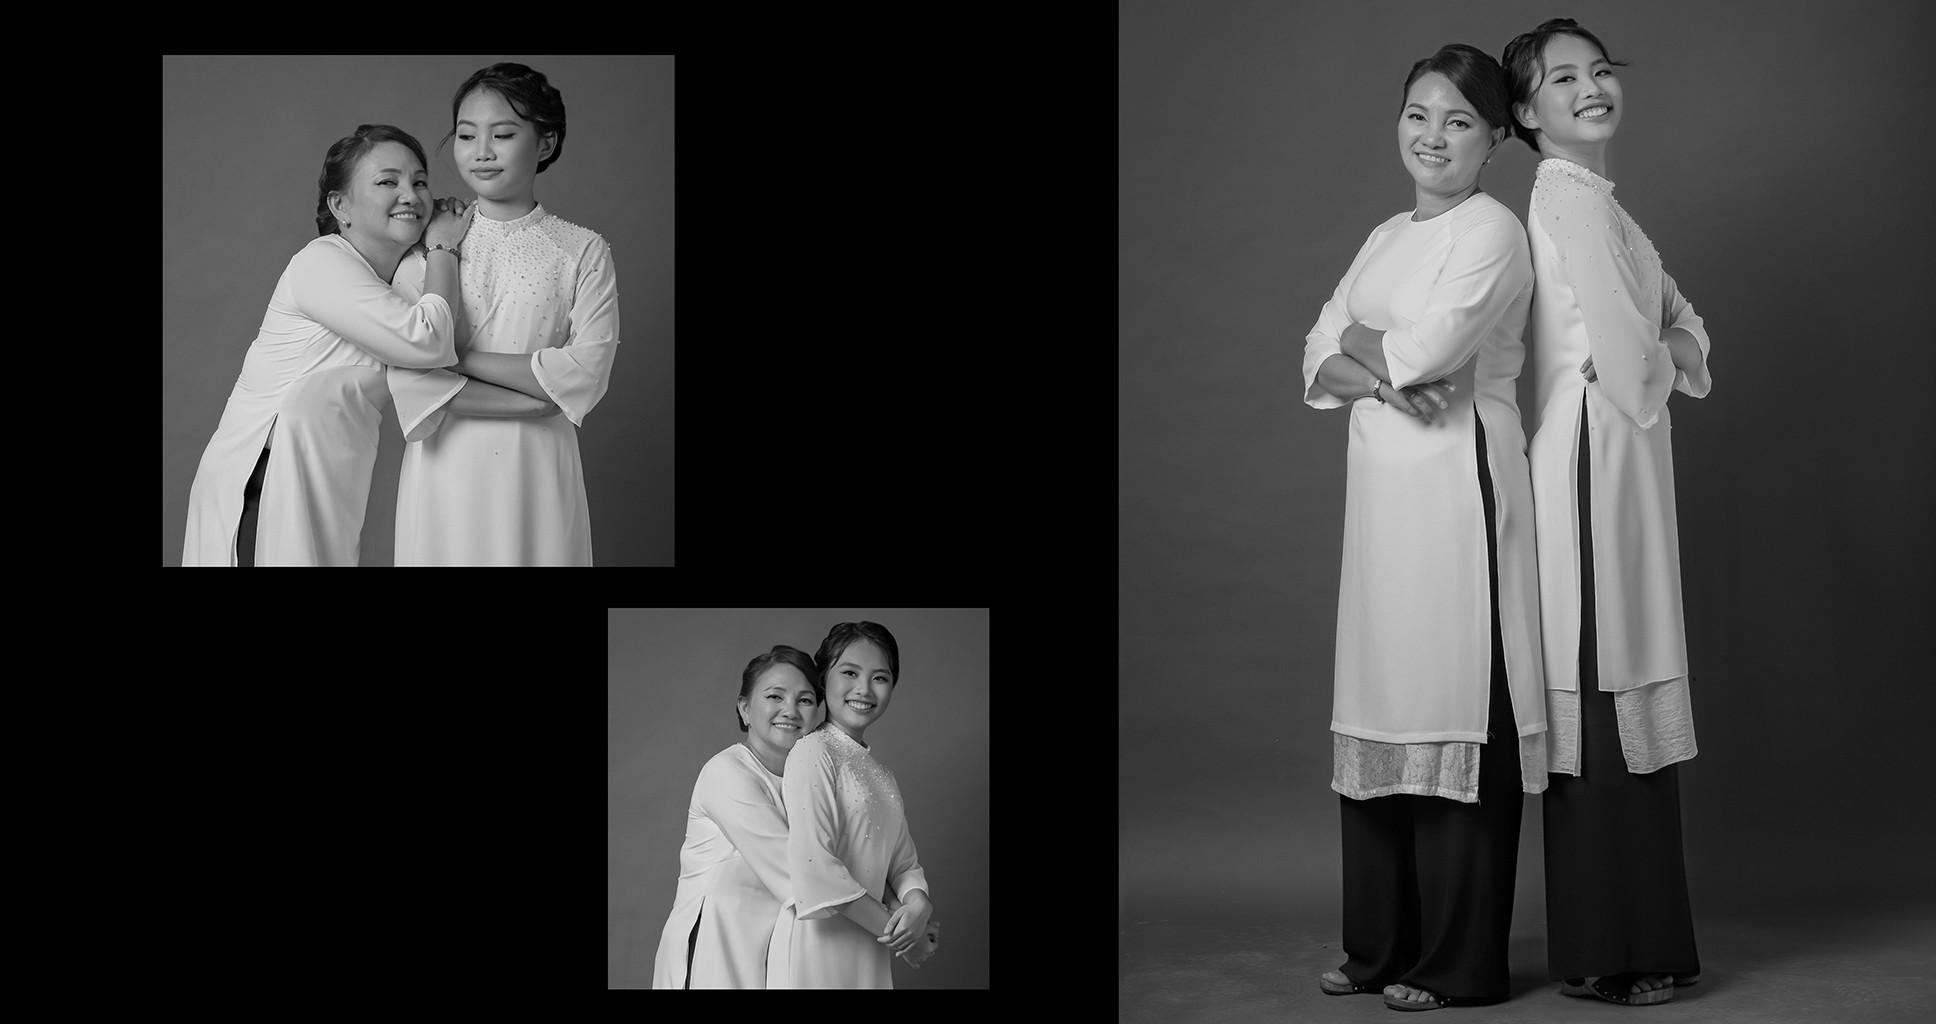 Phương Mỹ Chi tung bộ ảnh cùng chia sẻ xúc động về mẹ nhân mùa Vu Lan báo hiếu - Ảnh 3.